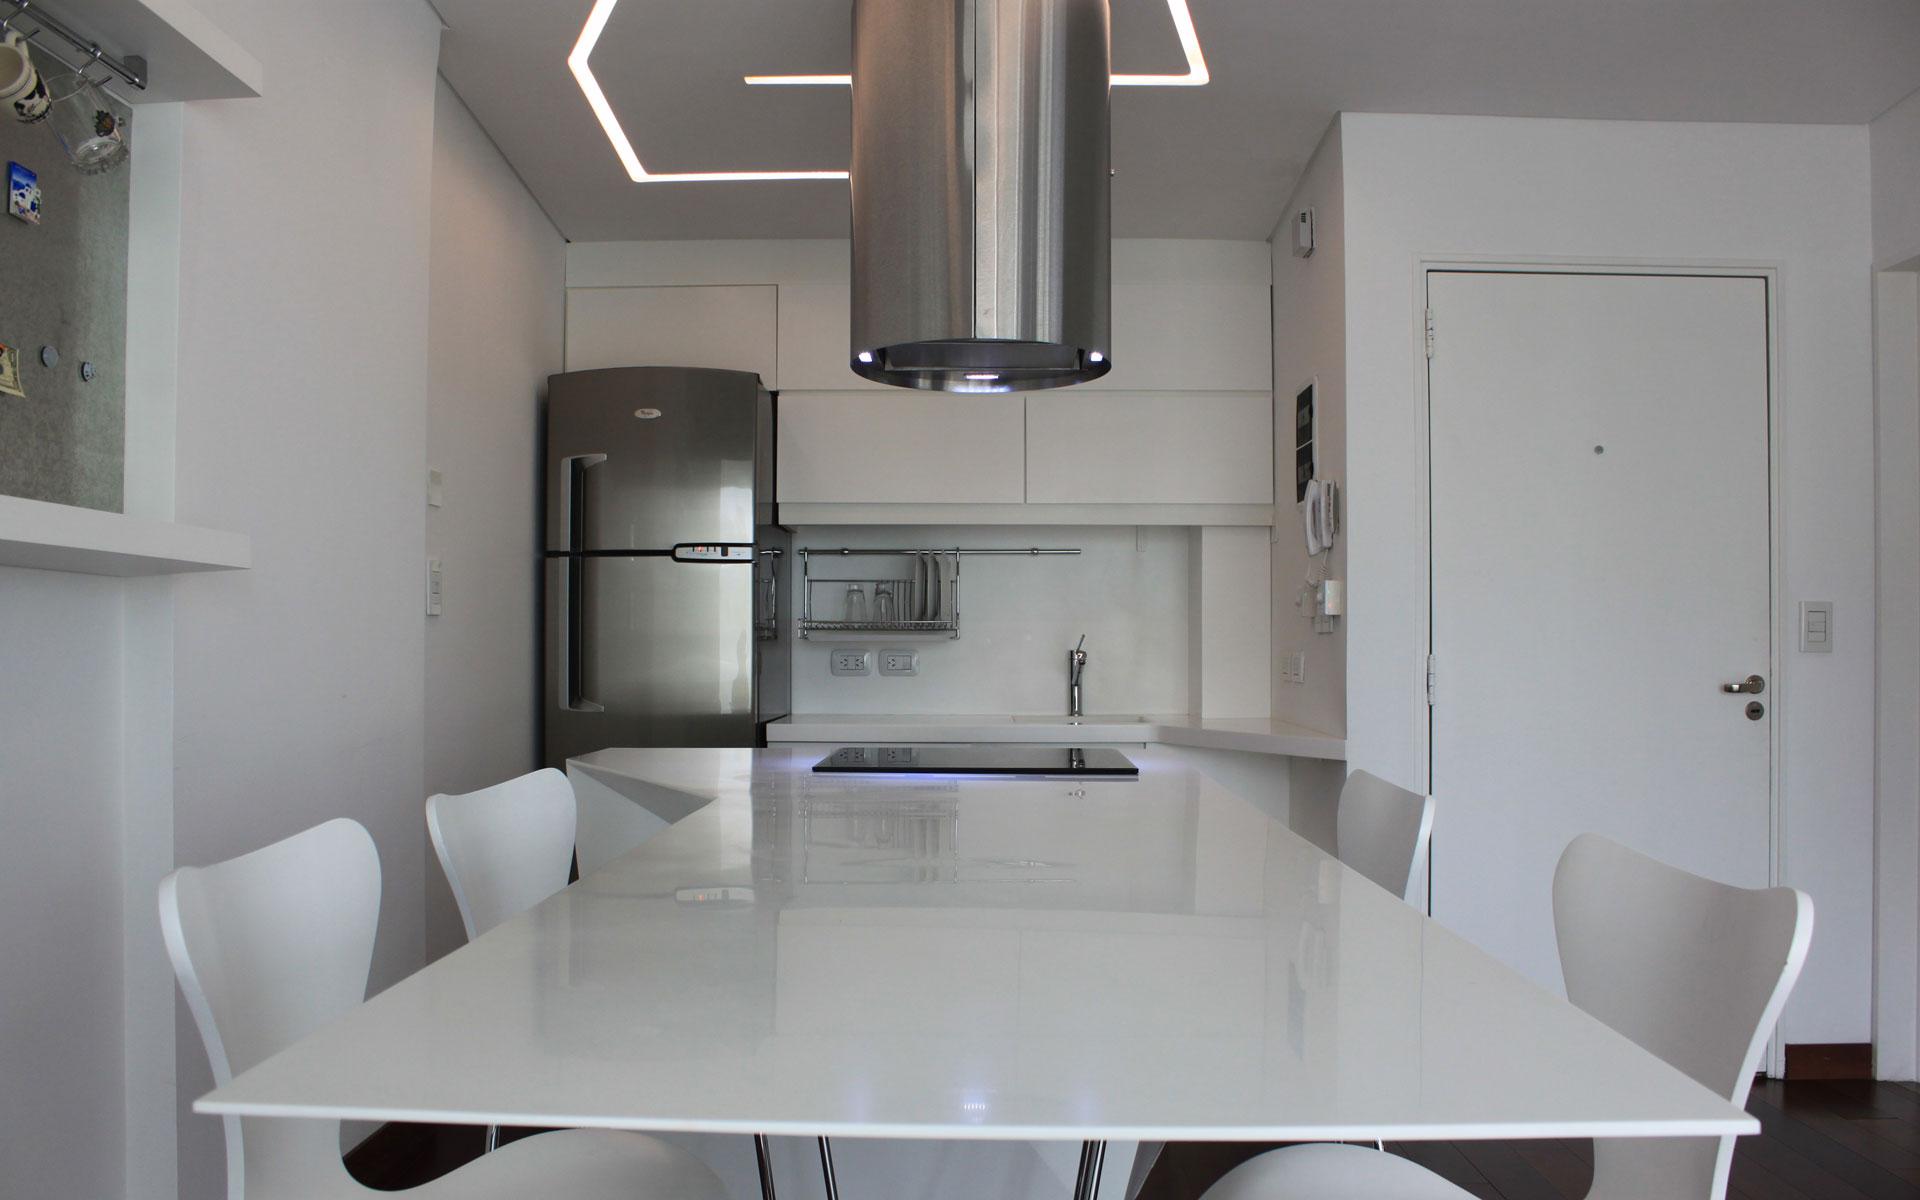 Diseño interior, cocina flotante mesada de corian blanco e iluminación custom made, campana cilíndrica y sillas butterfly blancas